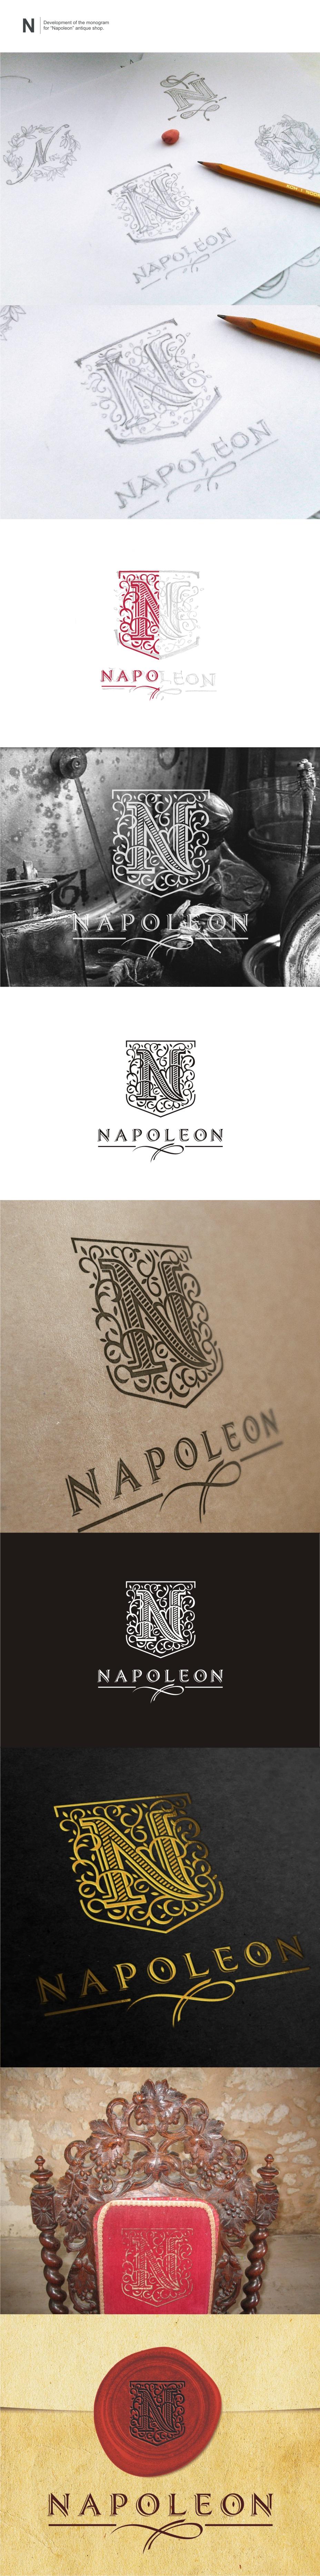 Наполеон. Антикварный магазин.